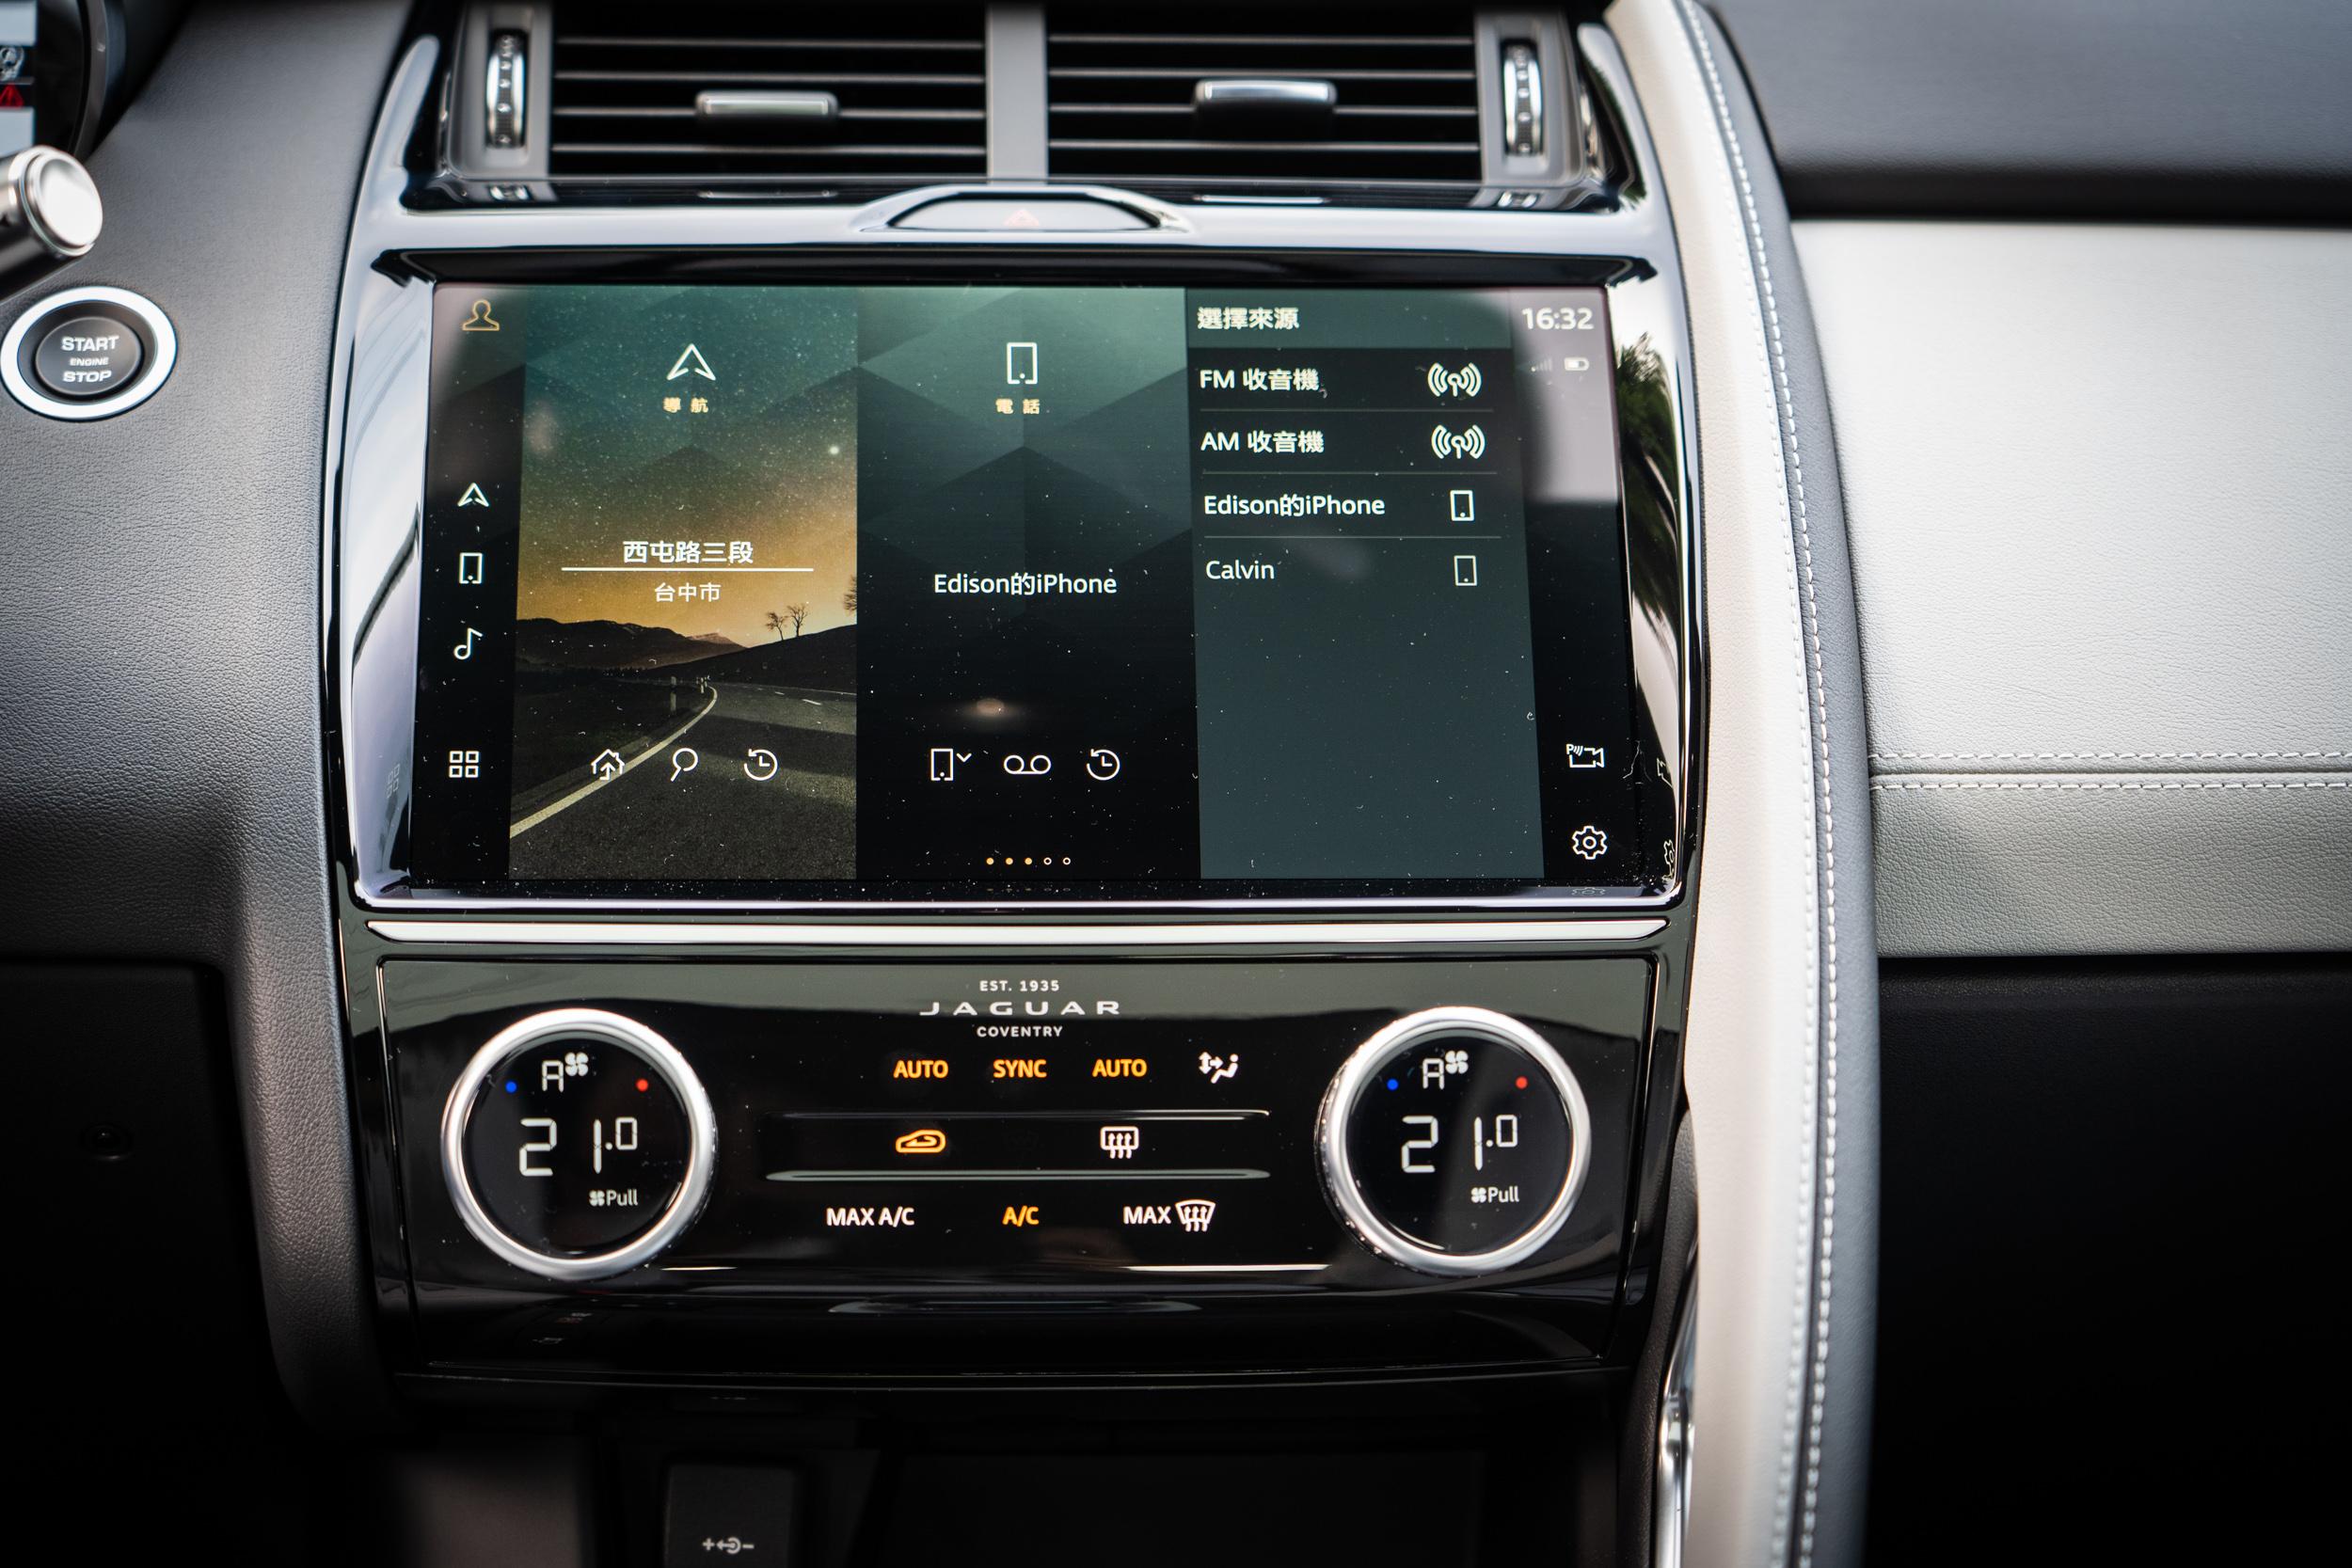 中控台中央的 11.4 吋 Pivi Pro 多媒體觸控式顯示螢幕,介面設計與操作邏輯都相當易懂好上手。